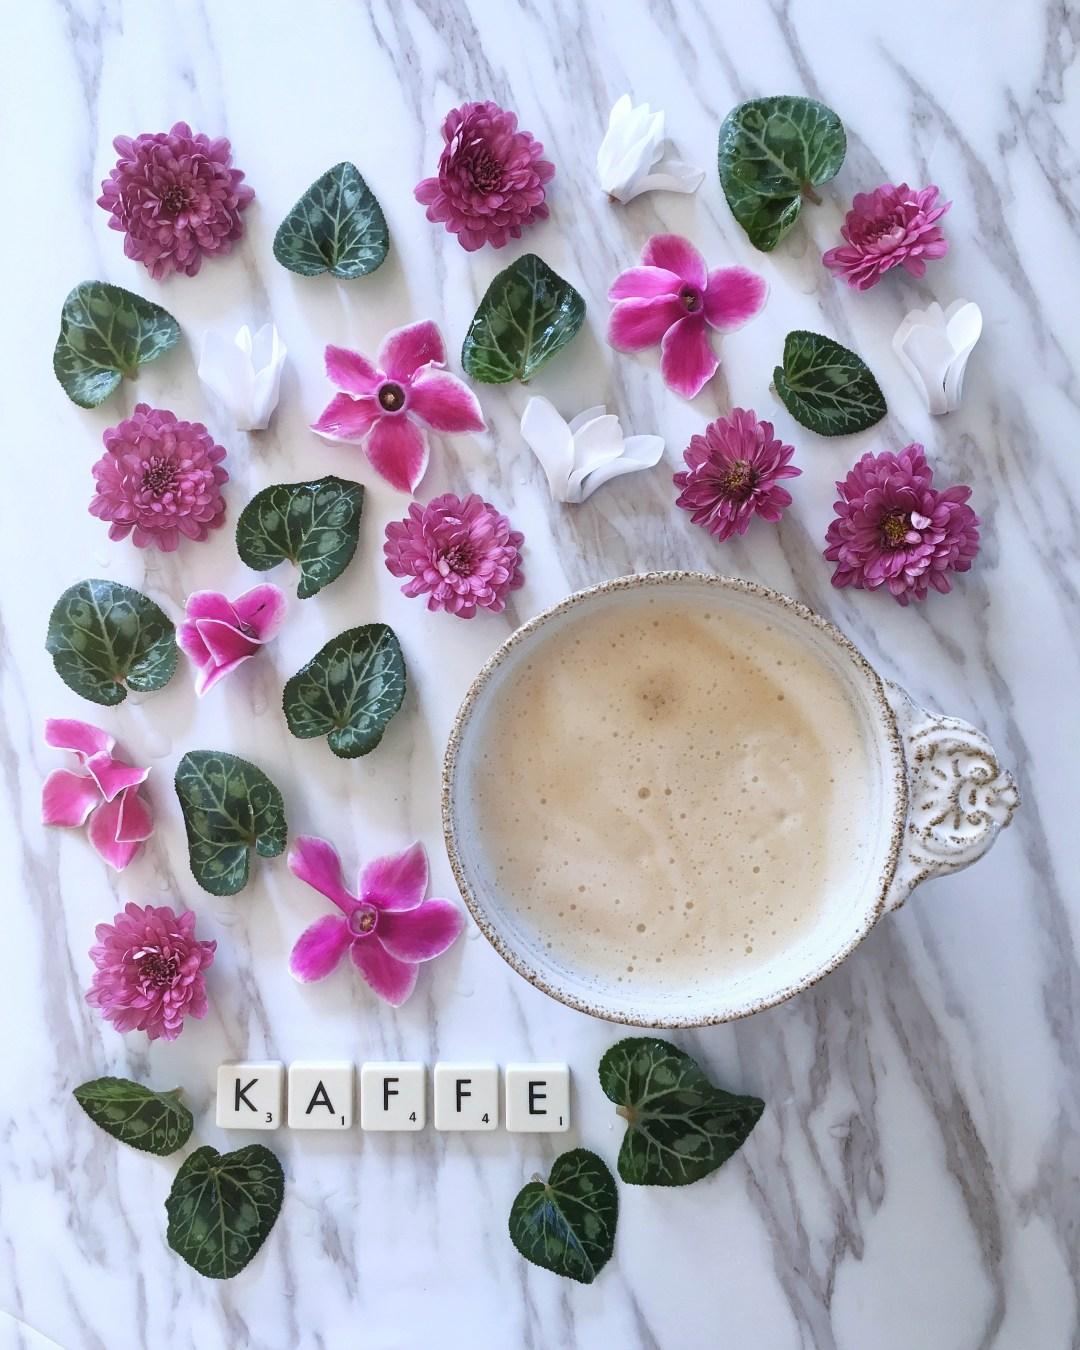 blomsterkaffe